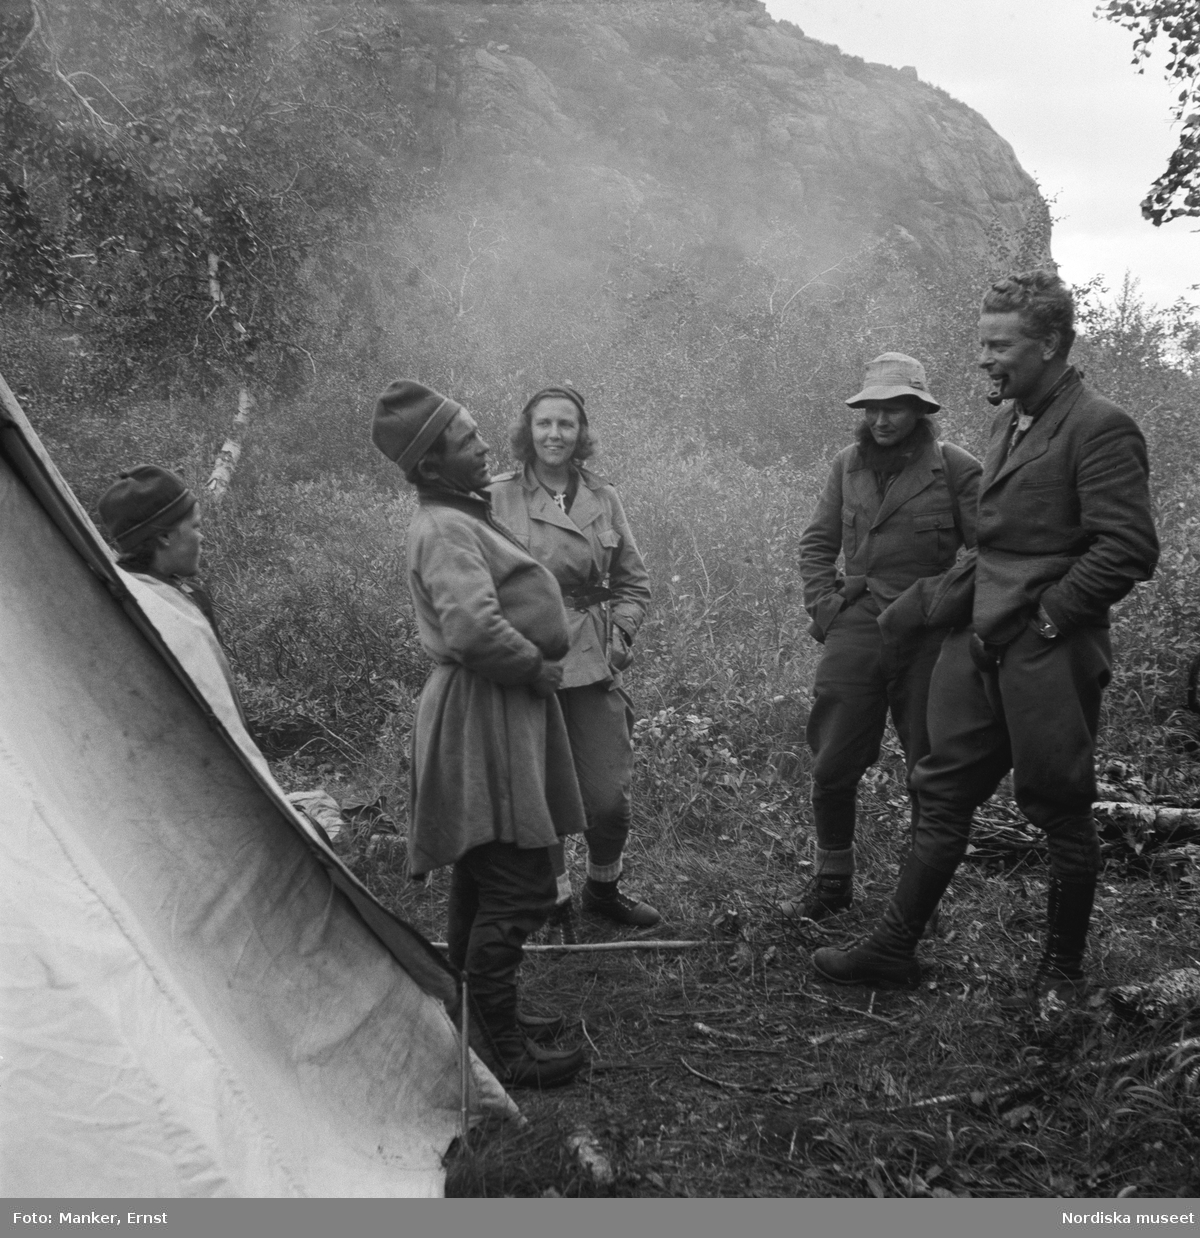 Ett sammanträffande vid Kuoljoks kåta vid övre ändan av Sitojaure. Matto (Mattias) Kuoljok, fru Lill Manker, konstnären Runo Johansson och filmaren Stig Wesslén.